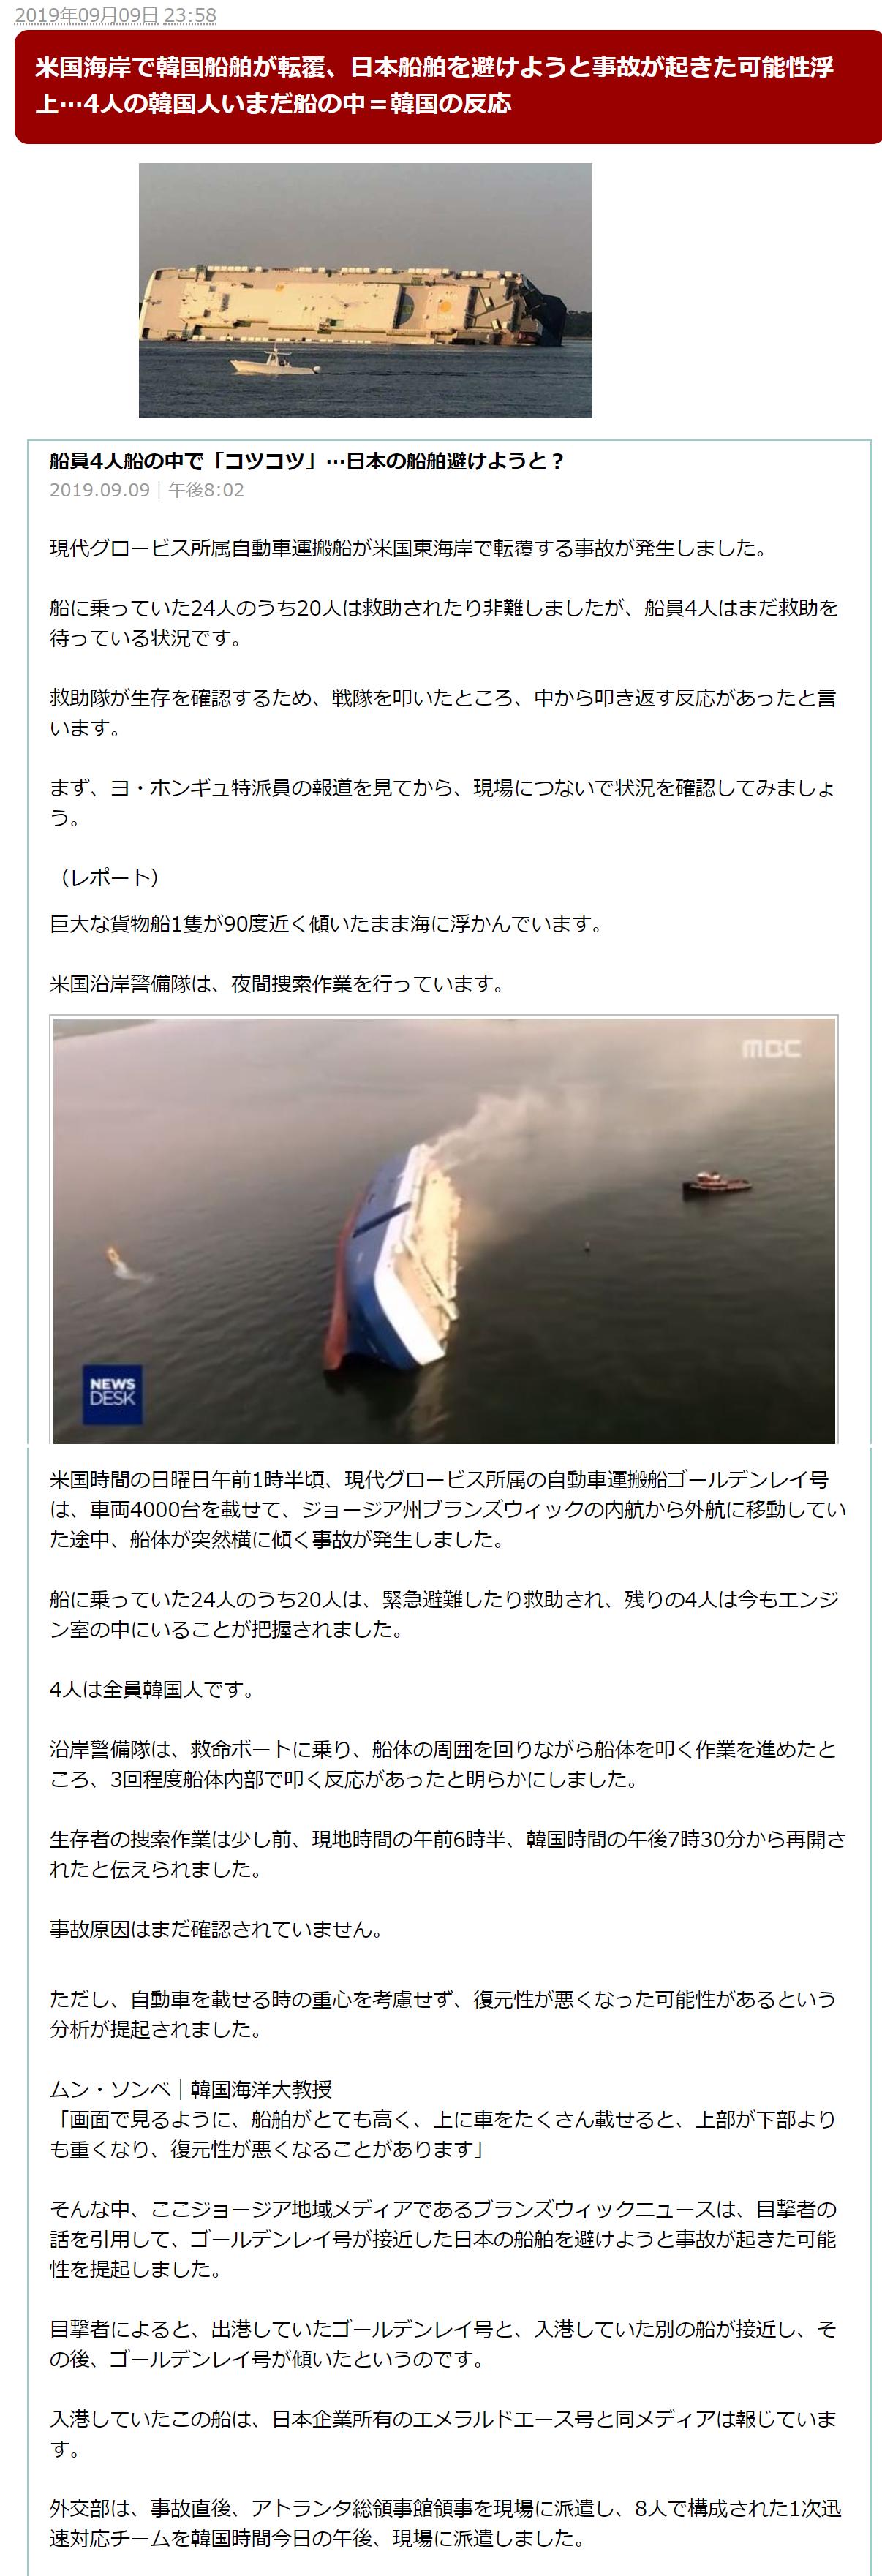 朝鮮船転覆 チョンの反応1